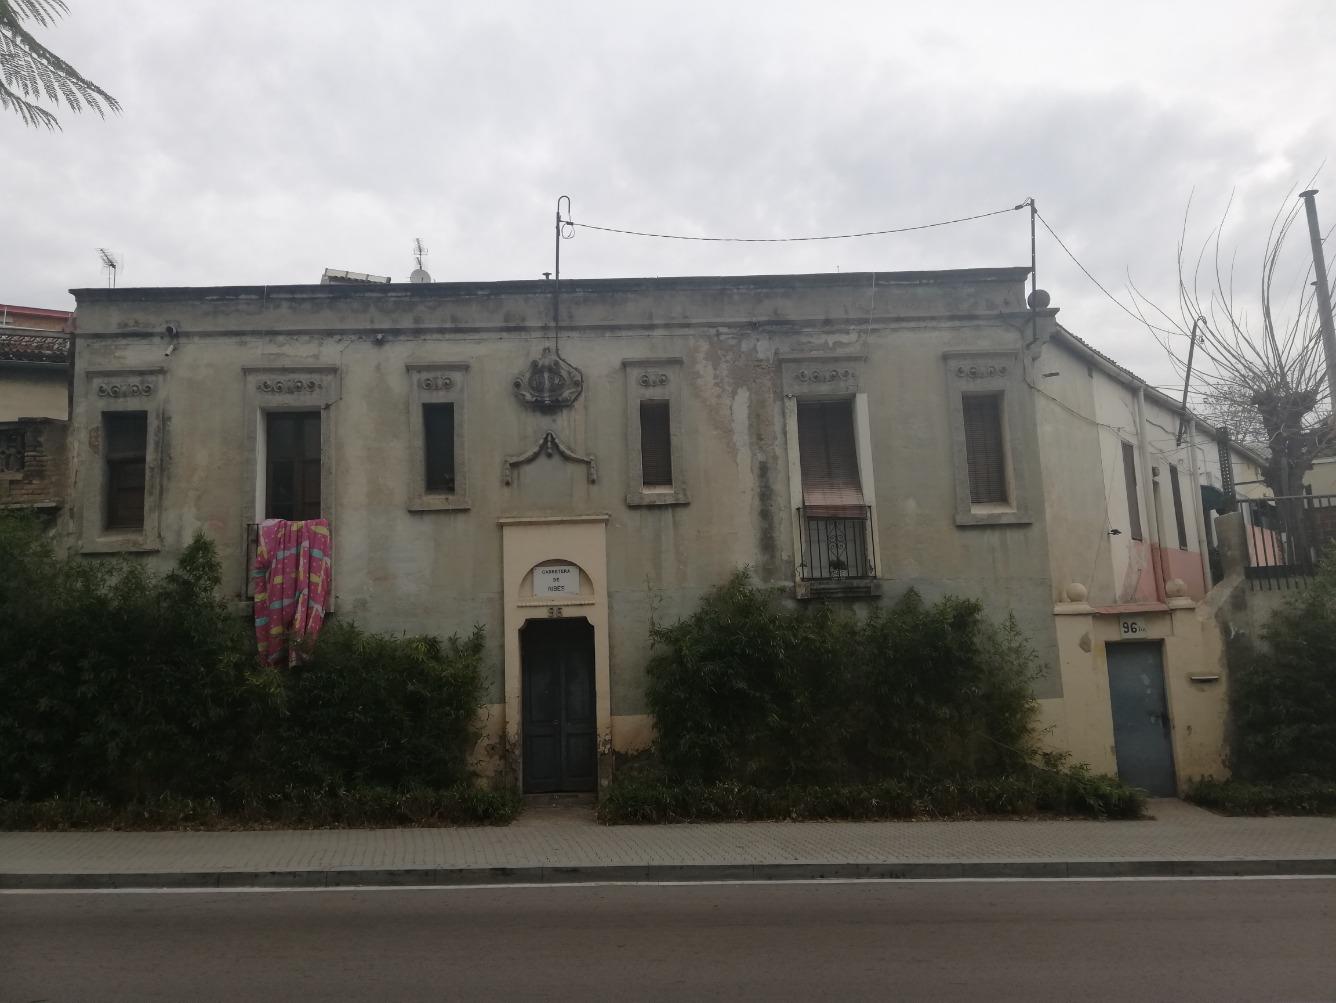 Edificio  Carretera ribes, 96. Casitas, tipo pueblo, en planta baja, en el barrio de sant andre